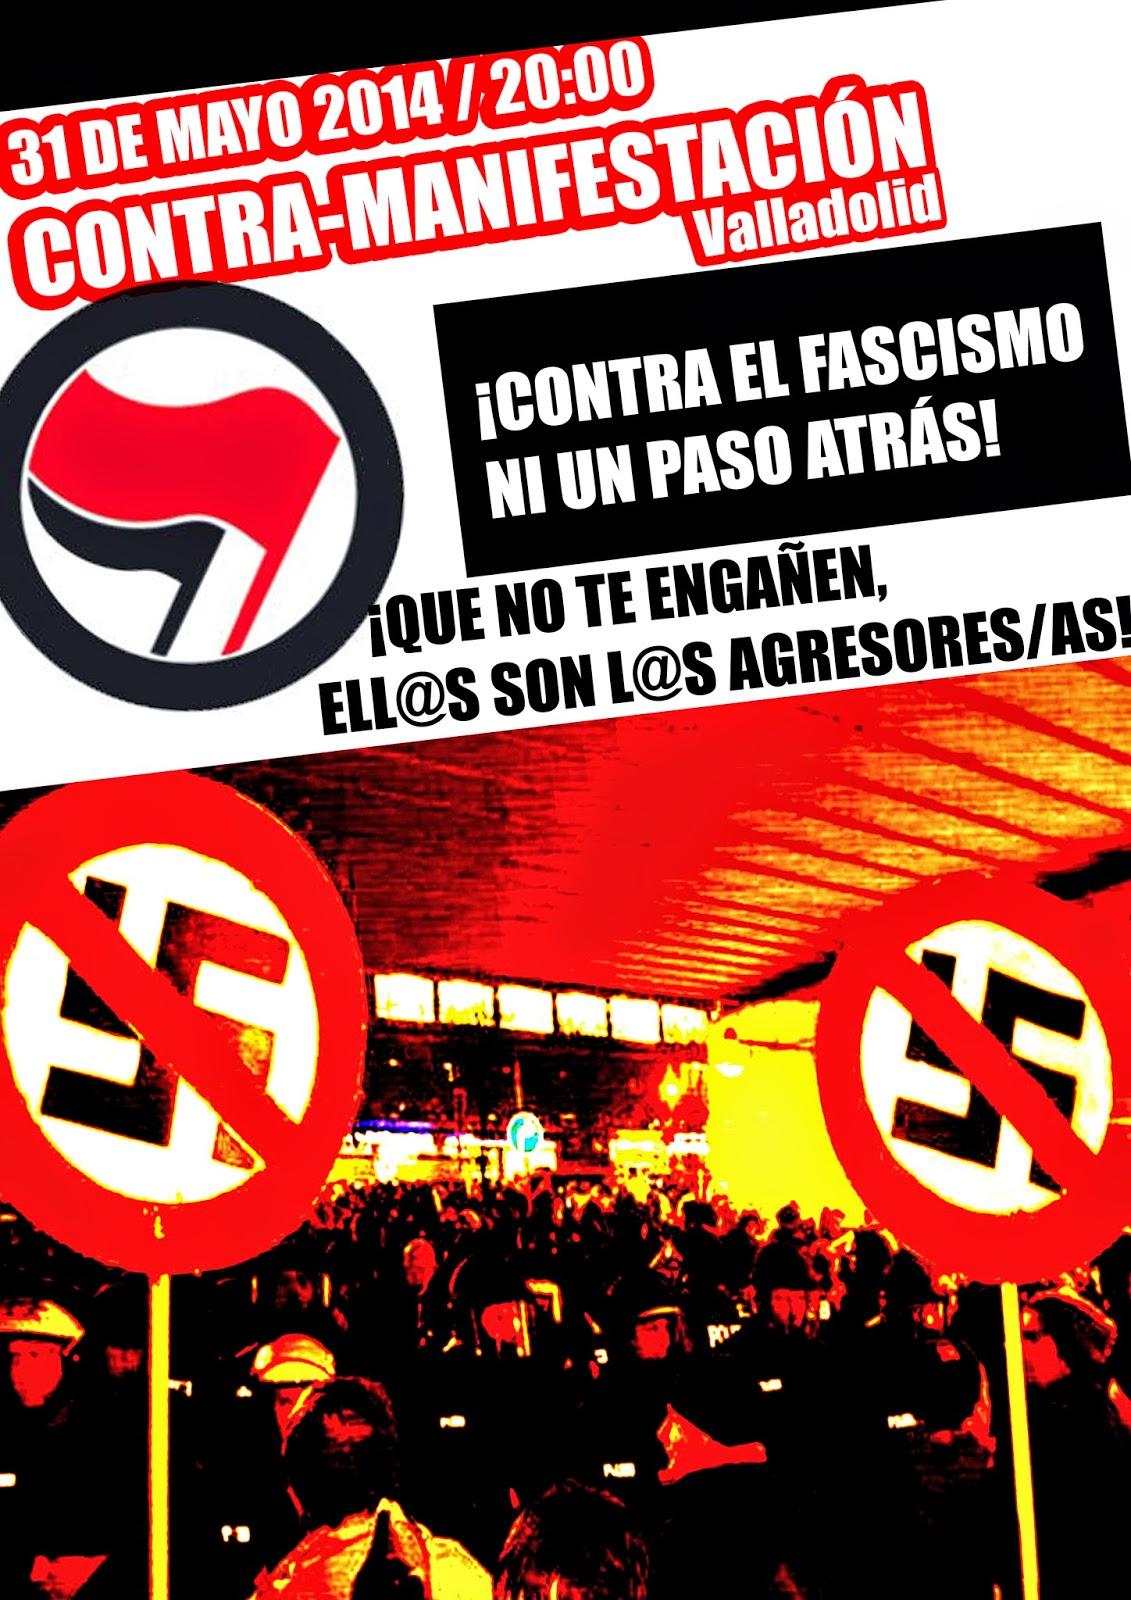 Nazis Fachadolid